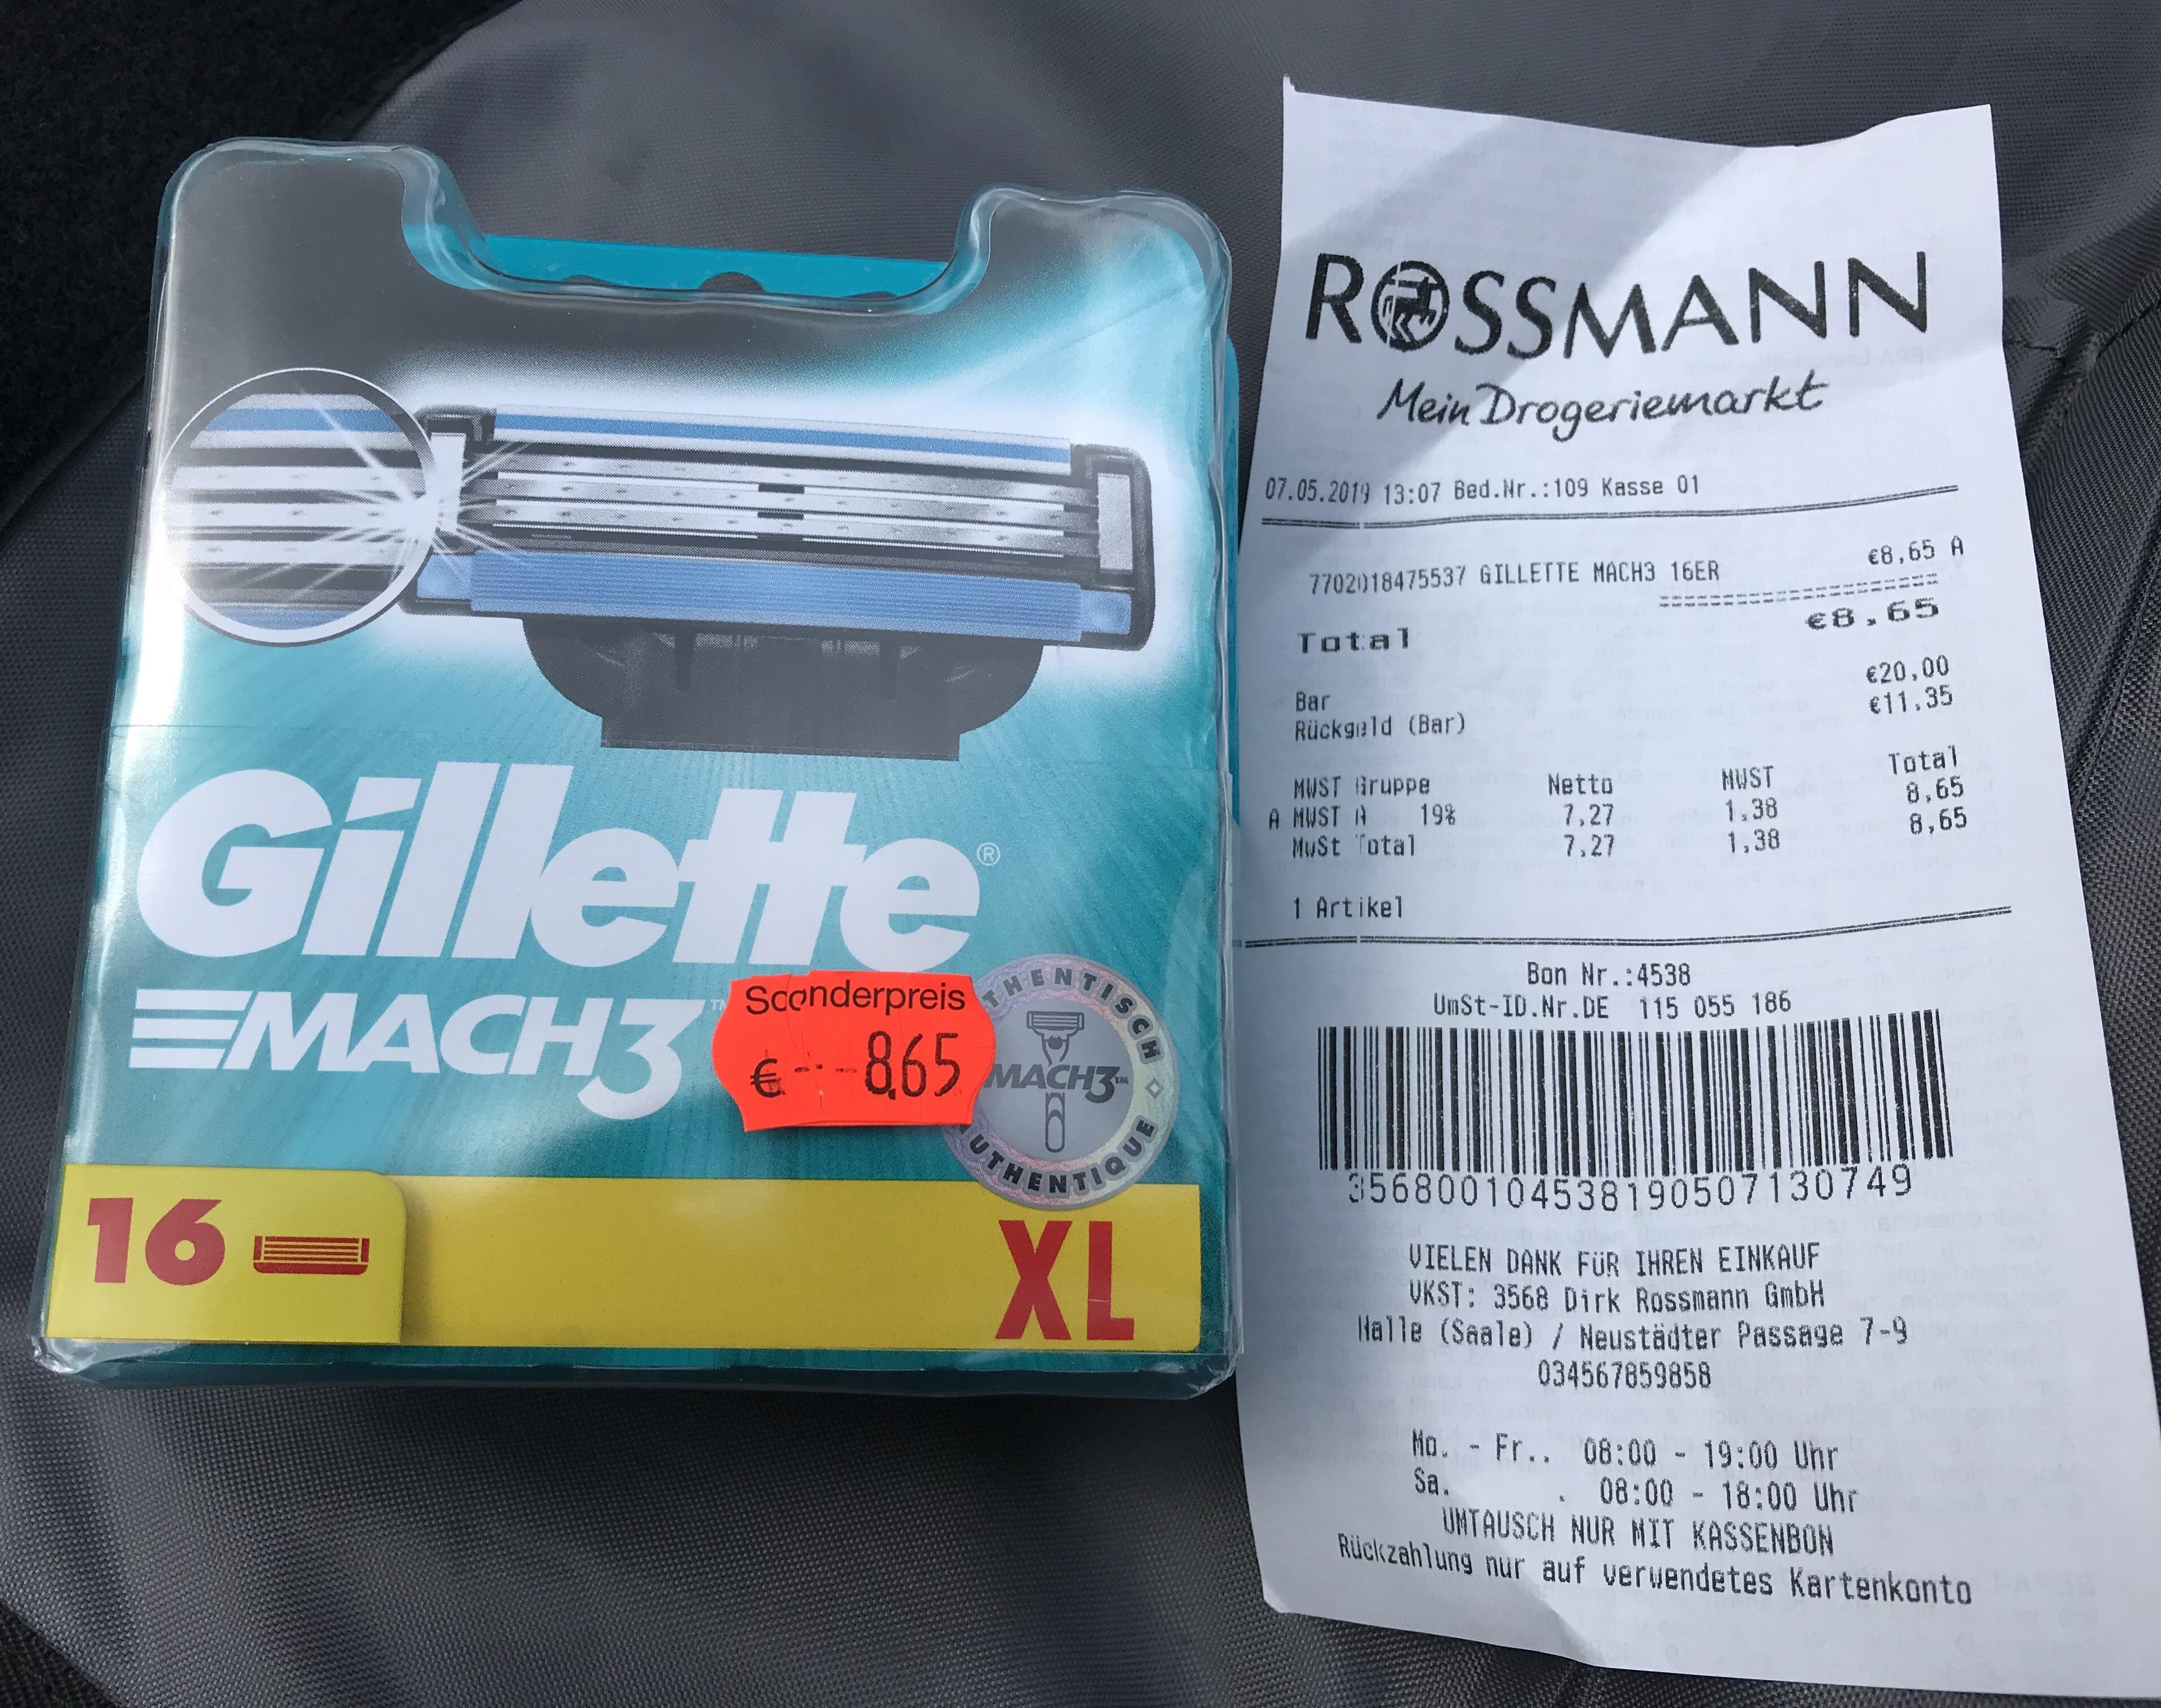 Gillette Mach 3 ***Rossmann*** Abverkauf. Ggf. Lokal Halle (Saale) Neustadt Centrum (Jobcenter)